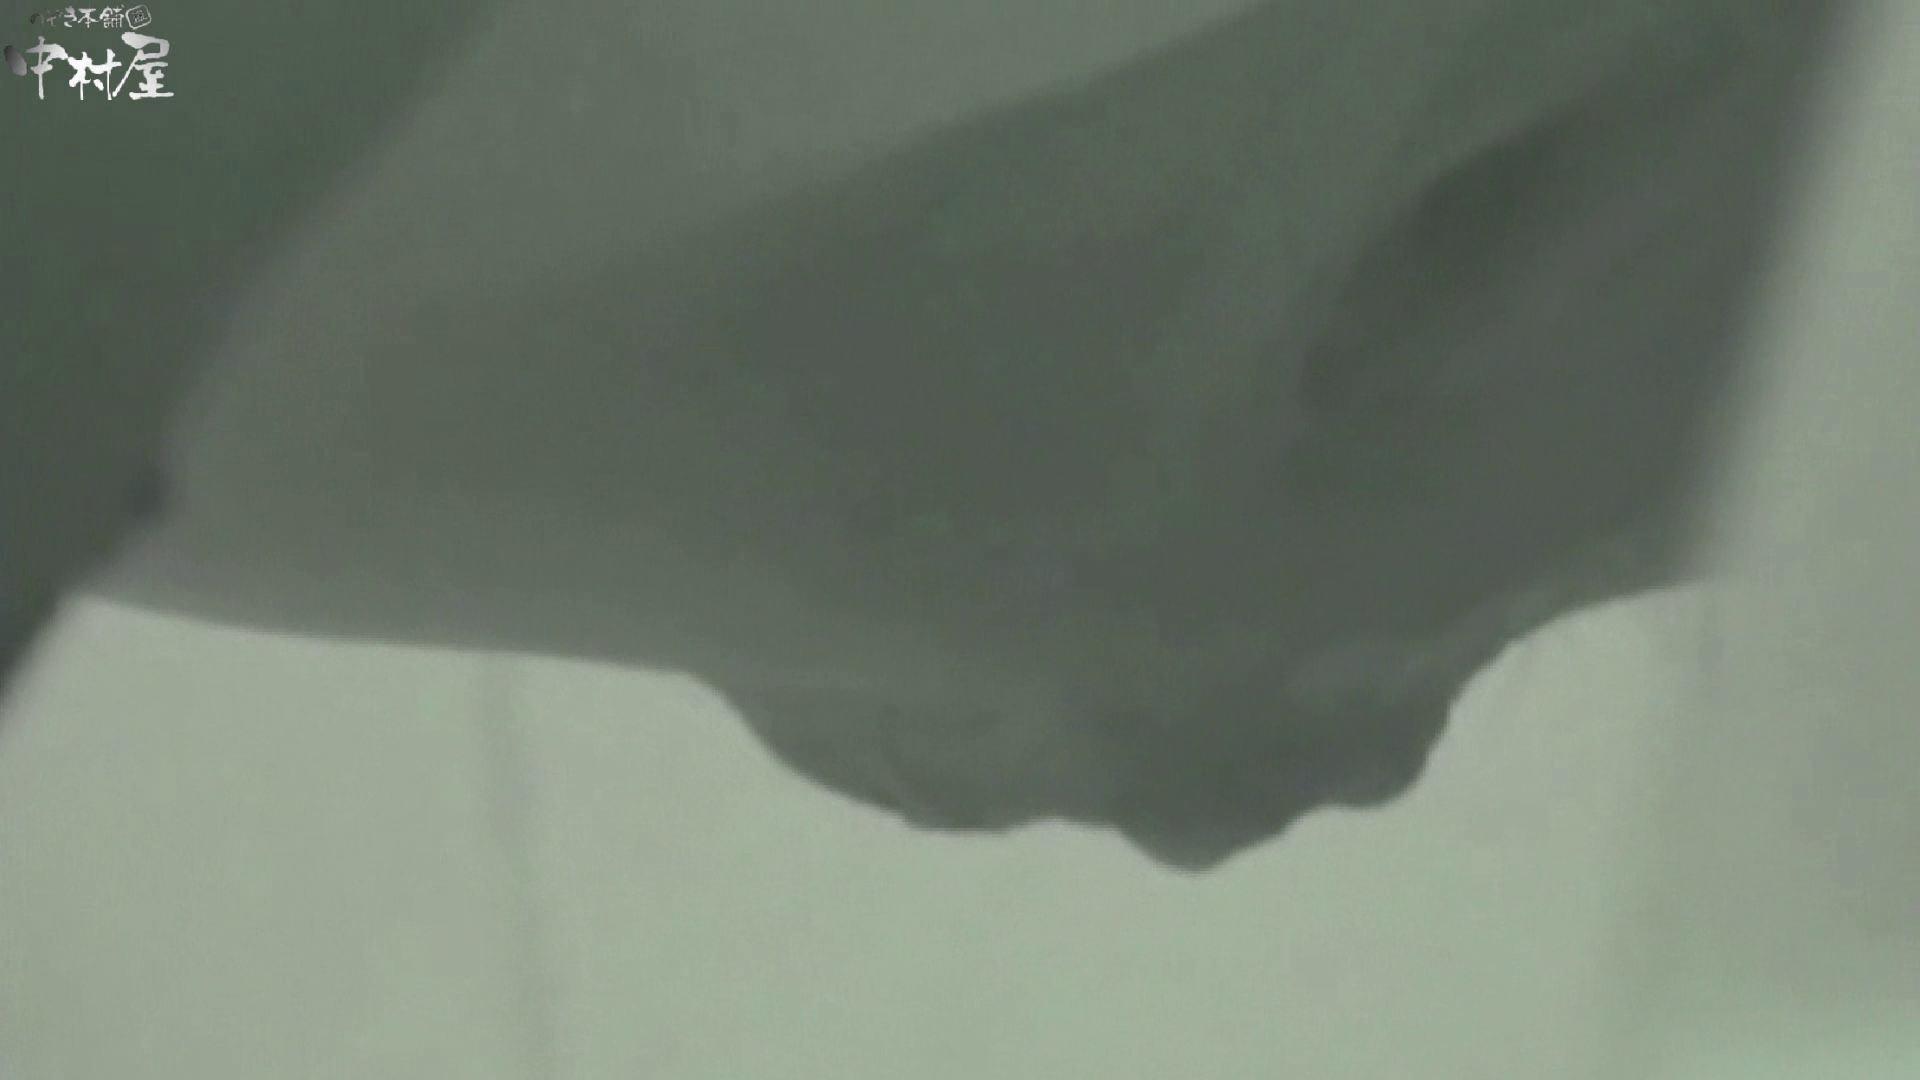 解禁!海の家4カメ洗面所vol.08 洗面所突入 戯れ無修正画像 107pic 106